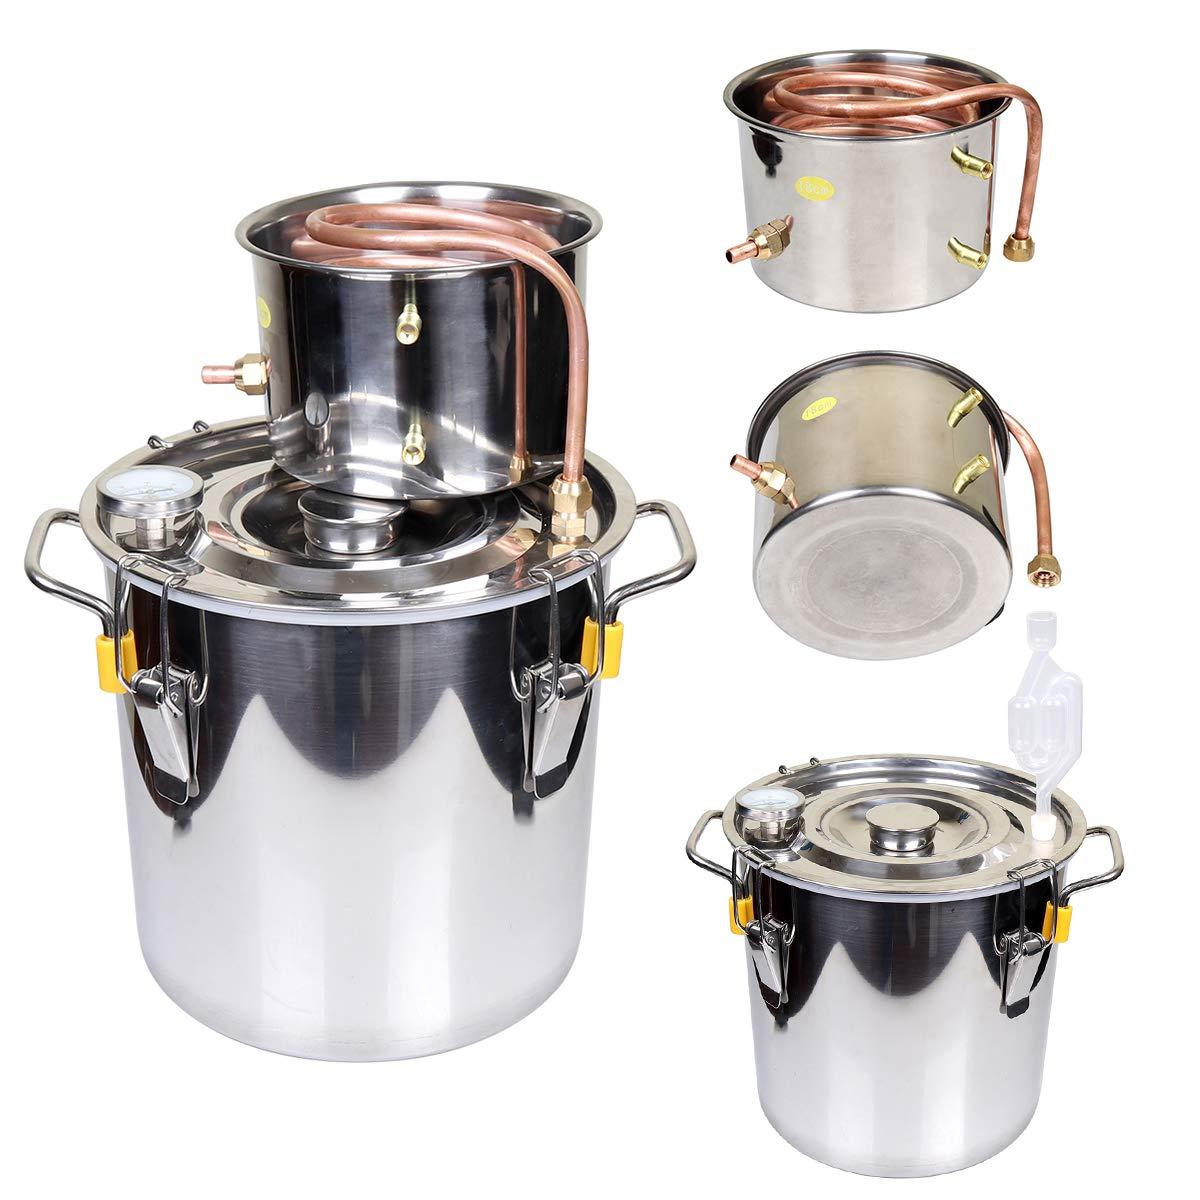 Goetland 3 Gallons Moonshine Still Spirits Kit Water Alcohol Distiller Home Brew Wine Making Kit Oil Boiler Copper Tube Stainless Steel